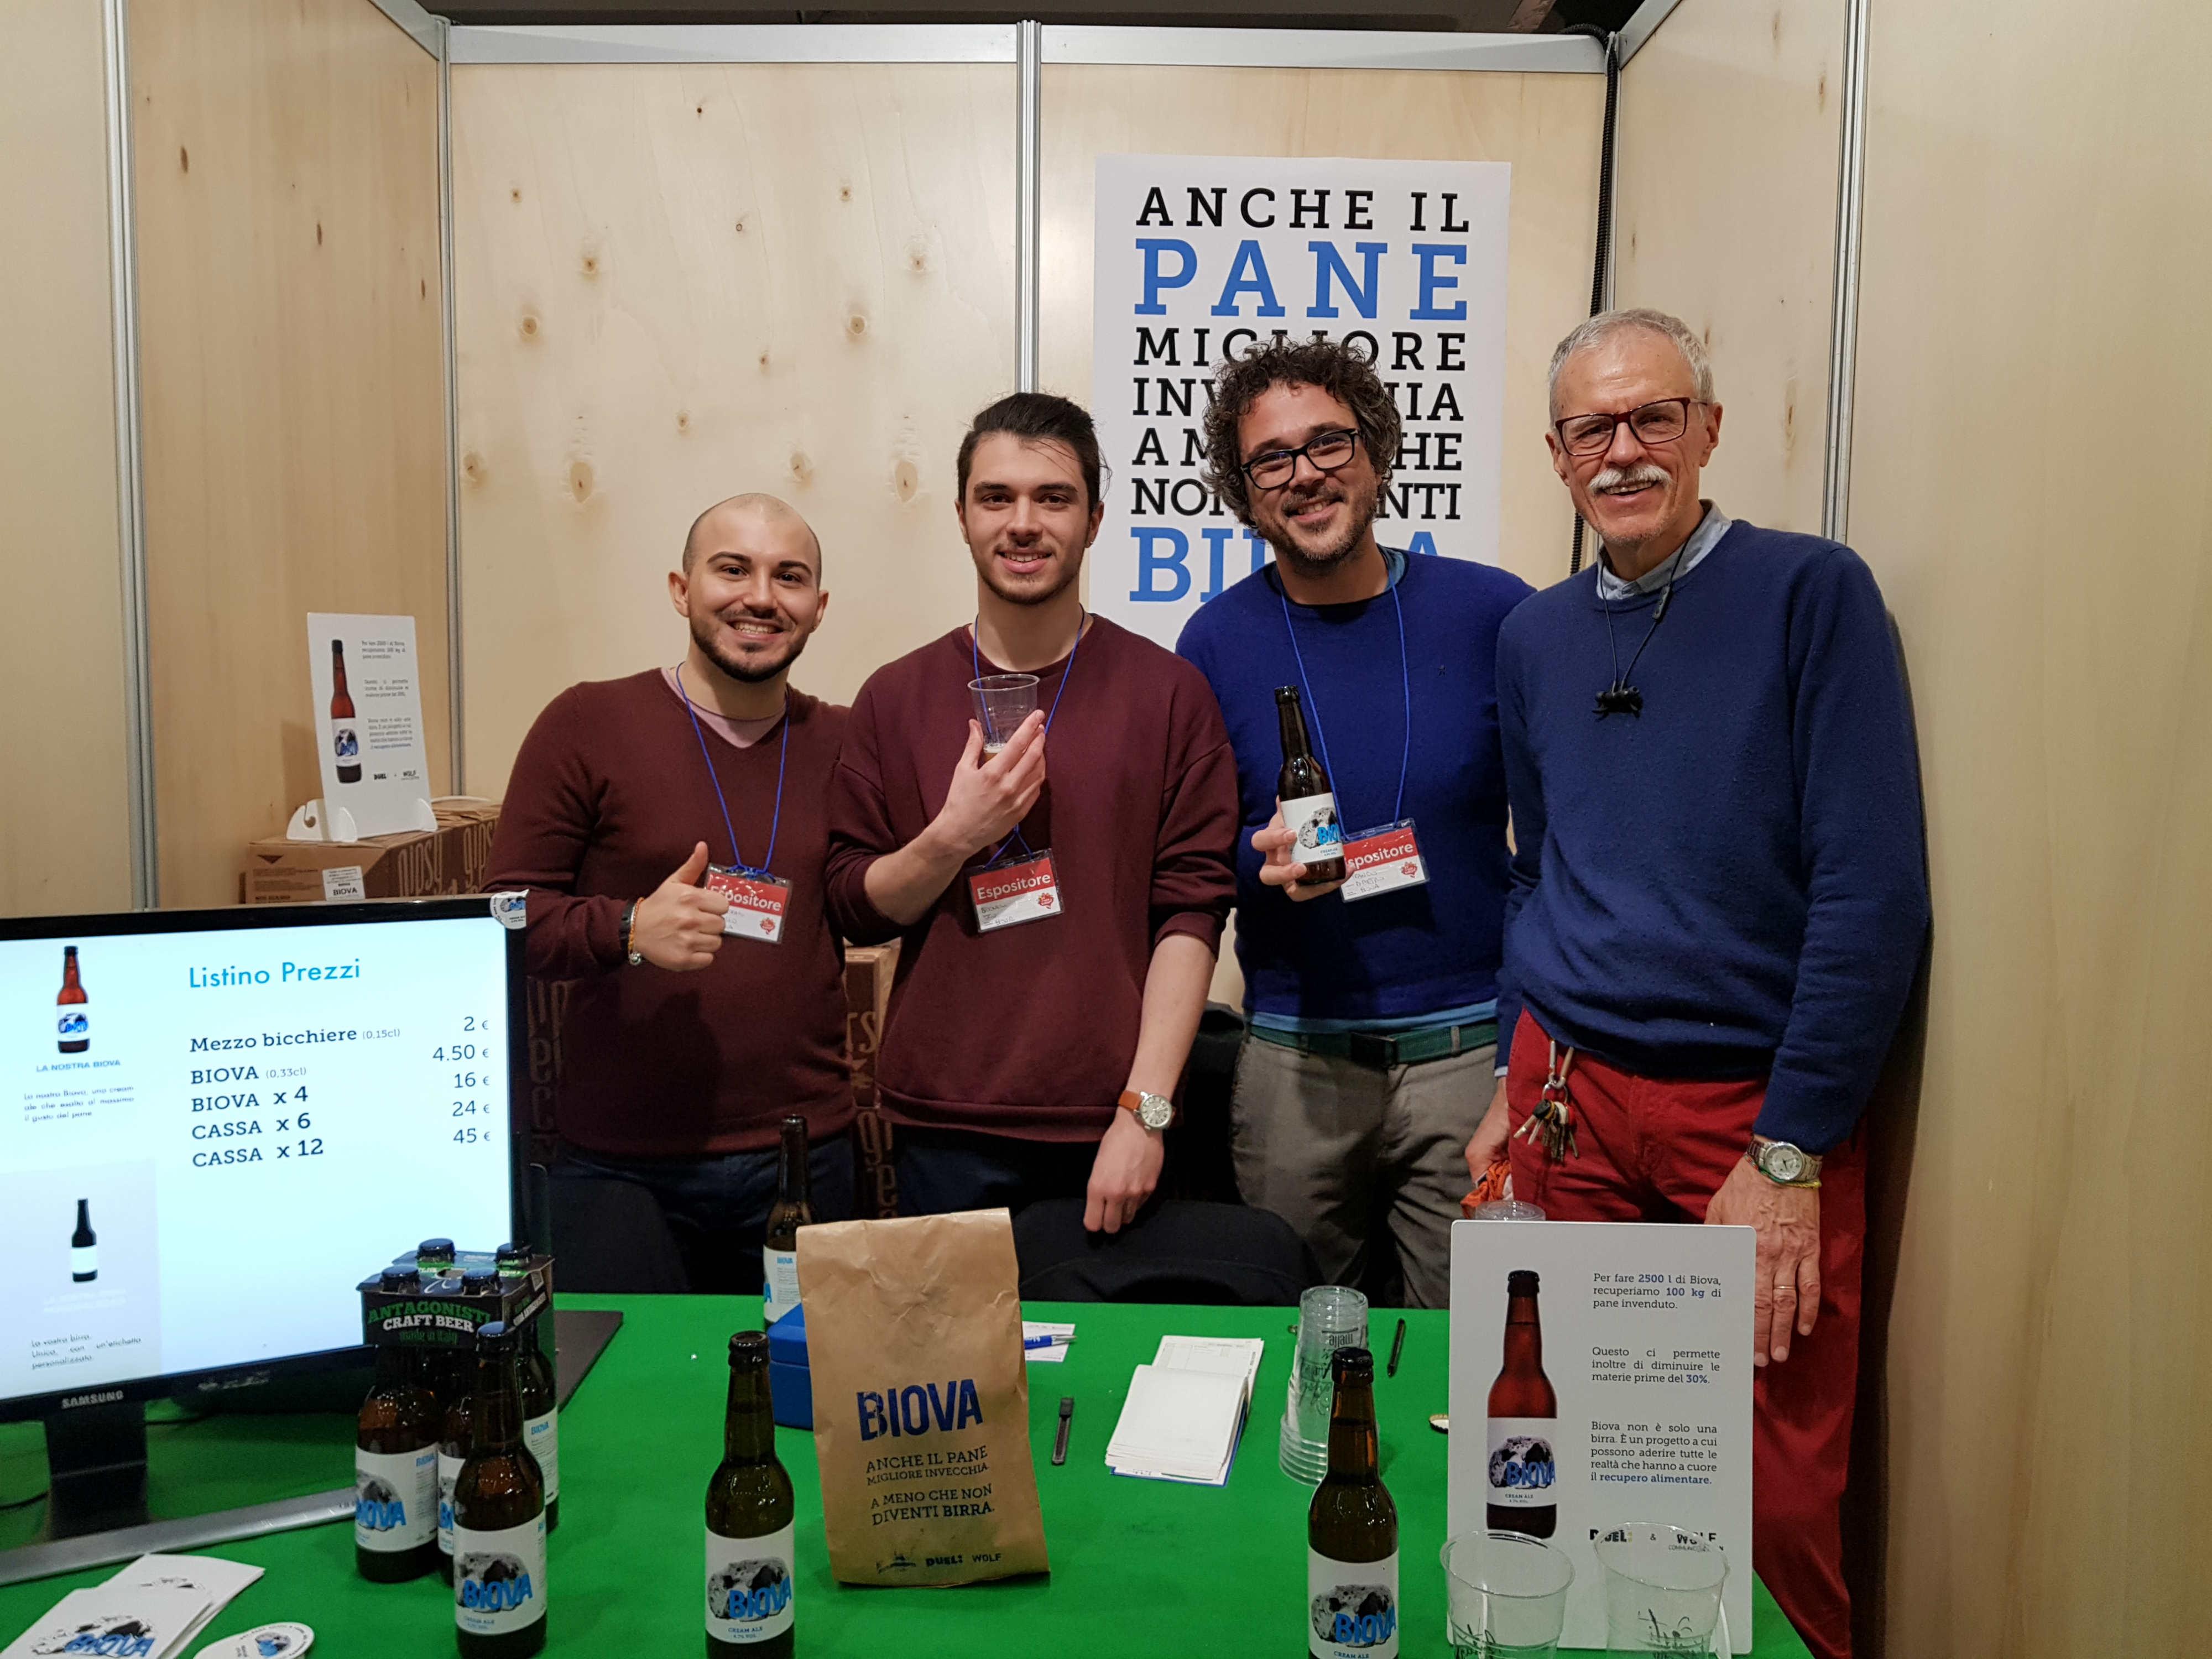 Trasformare il pane invenduto in birra: l'idea di Franco, Emanuela e Gianni per combattere gli sprechi alimentari